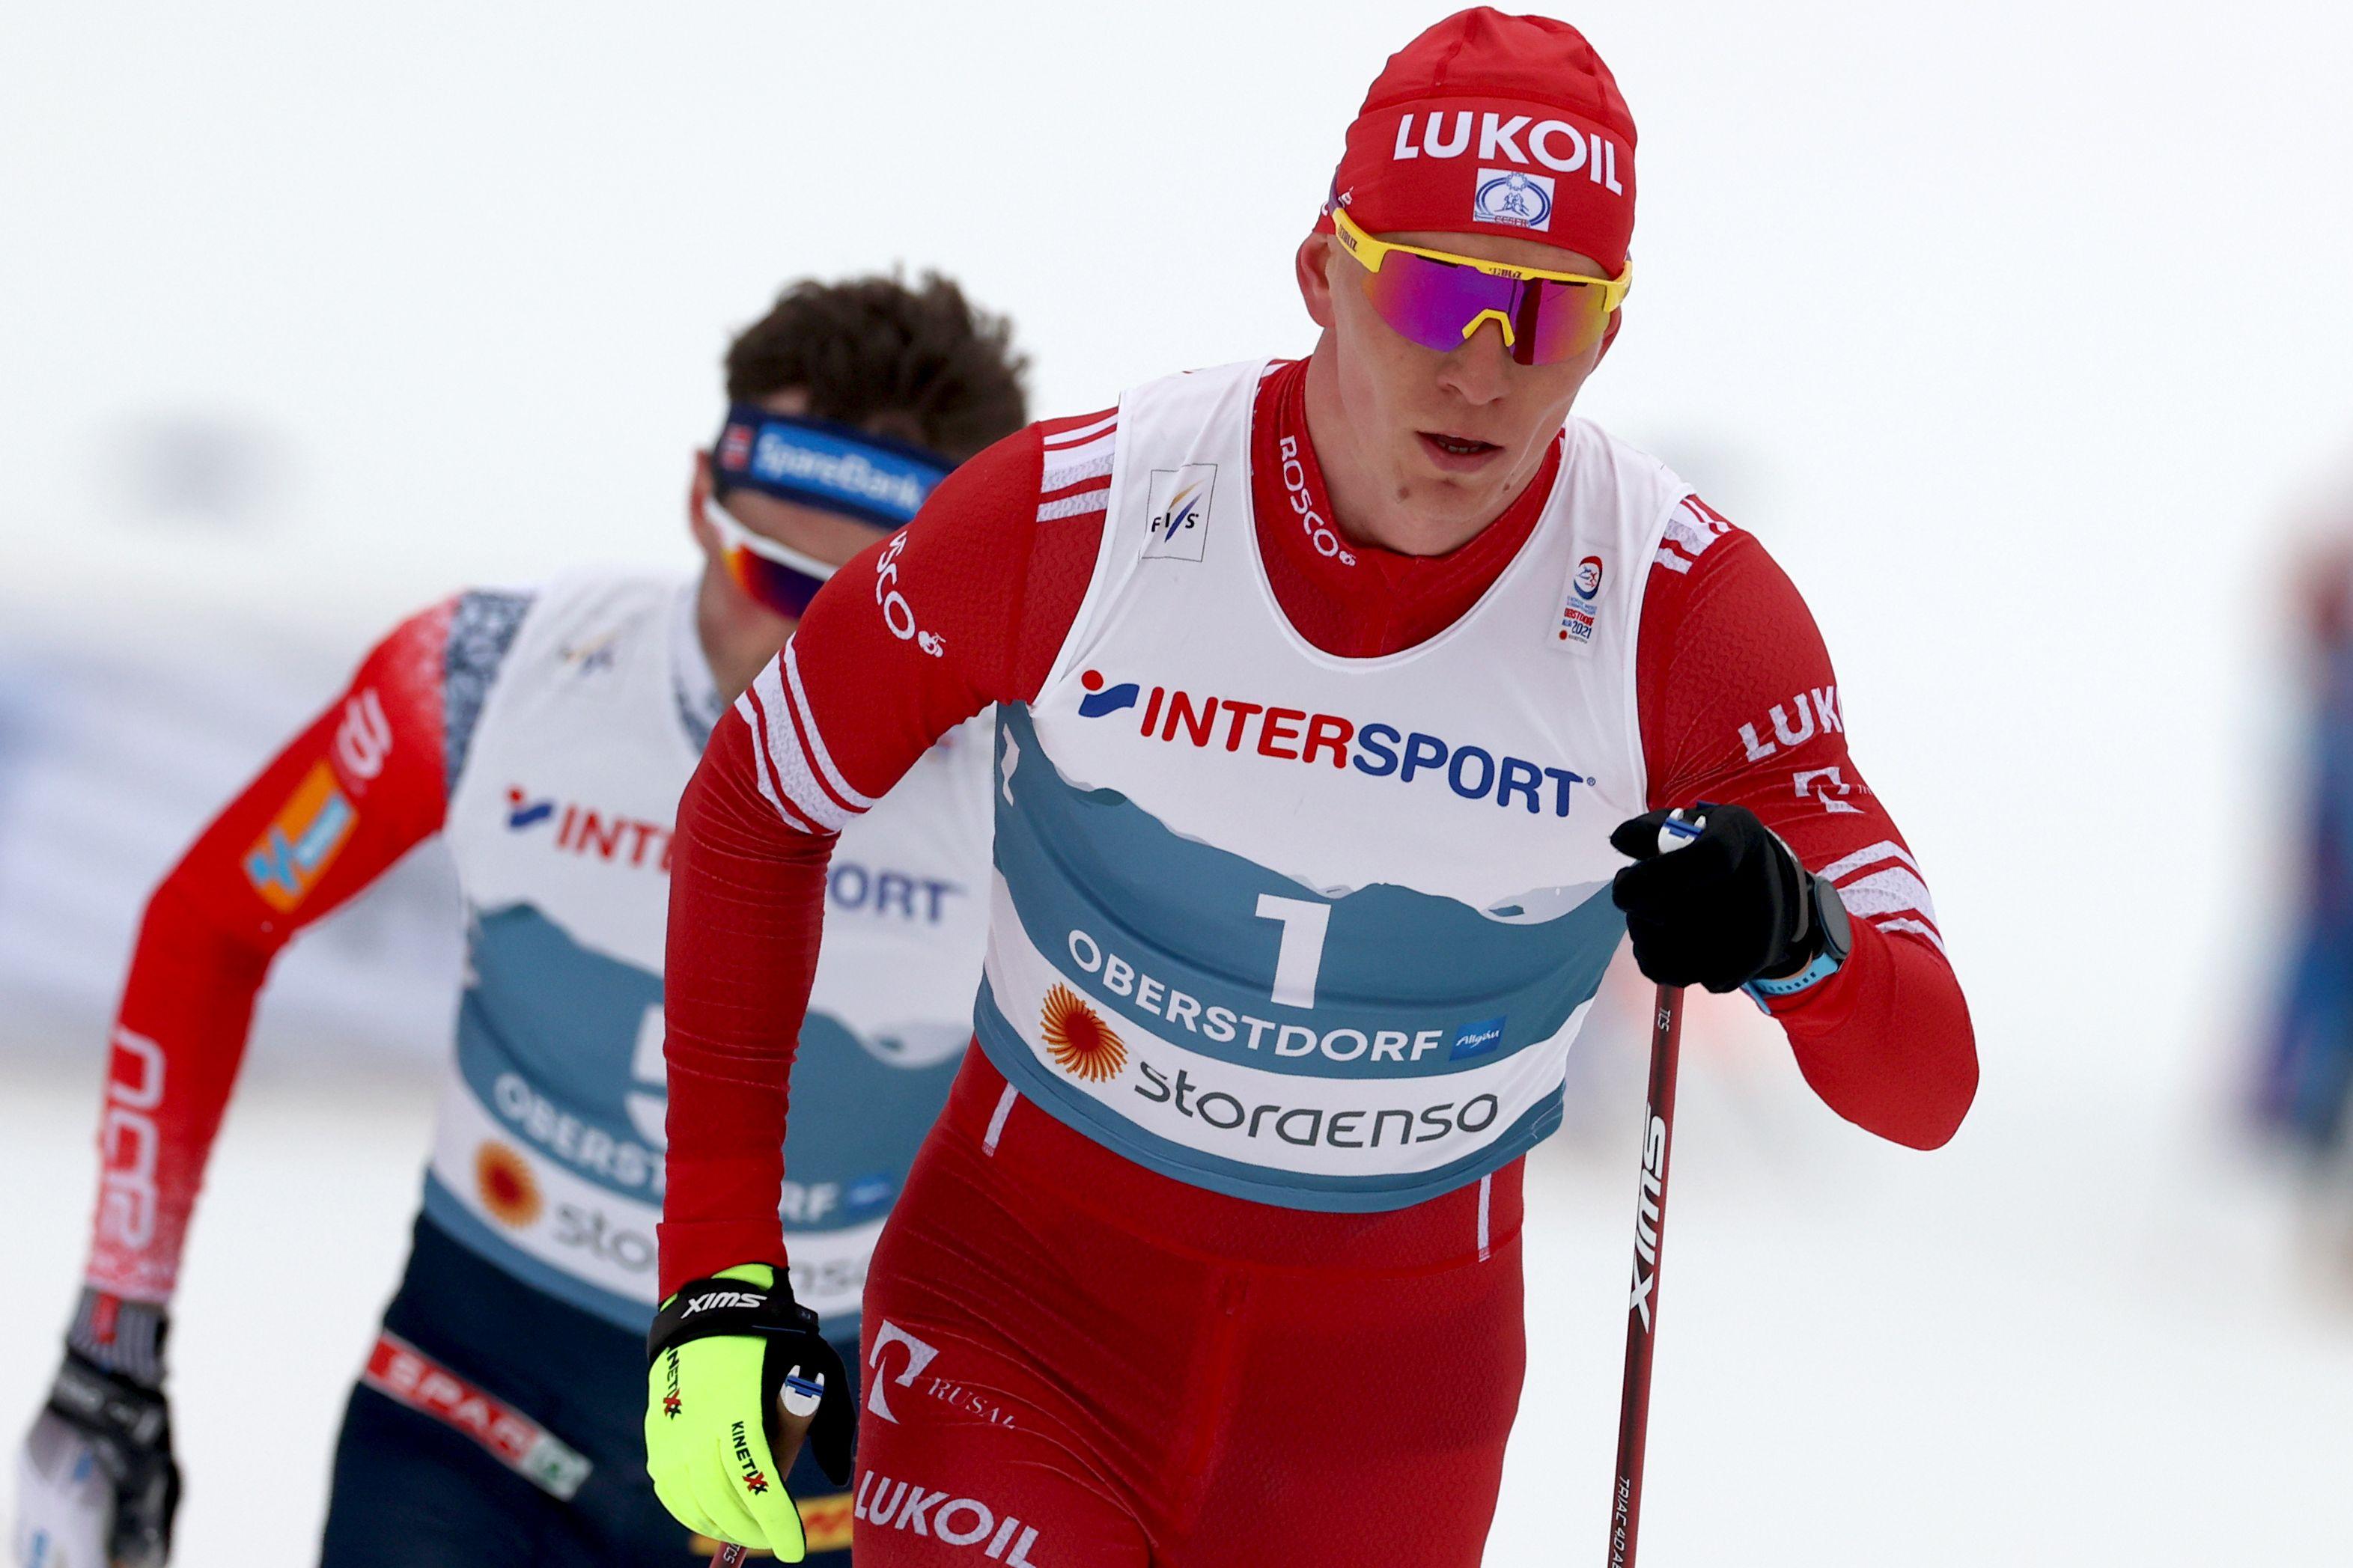 'Не верю, что он не на допинге' - норвежские болельщики о победе Большунова в скиатлоне на ЧМ-2021